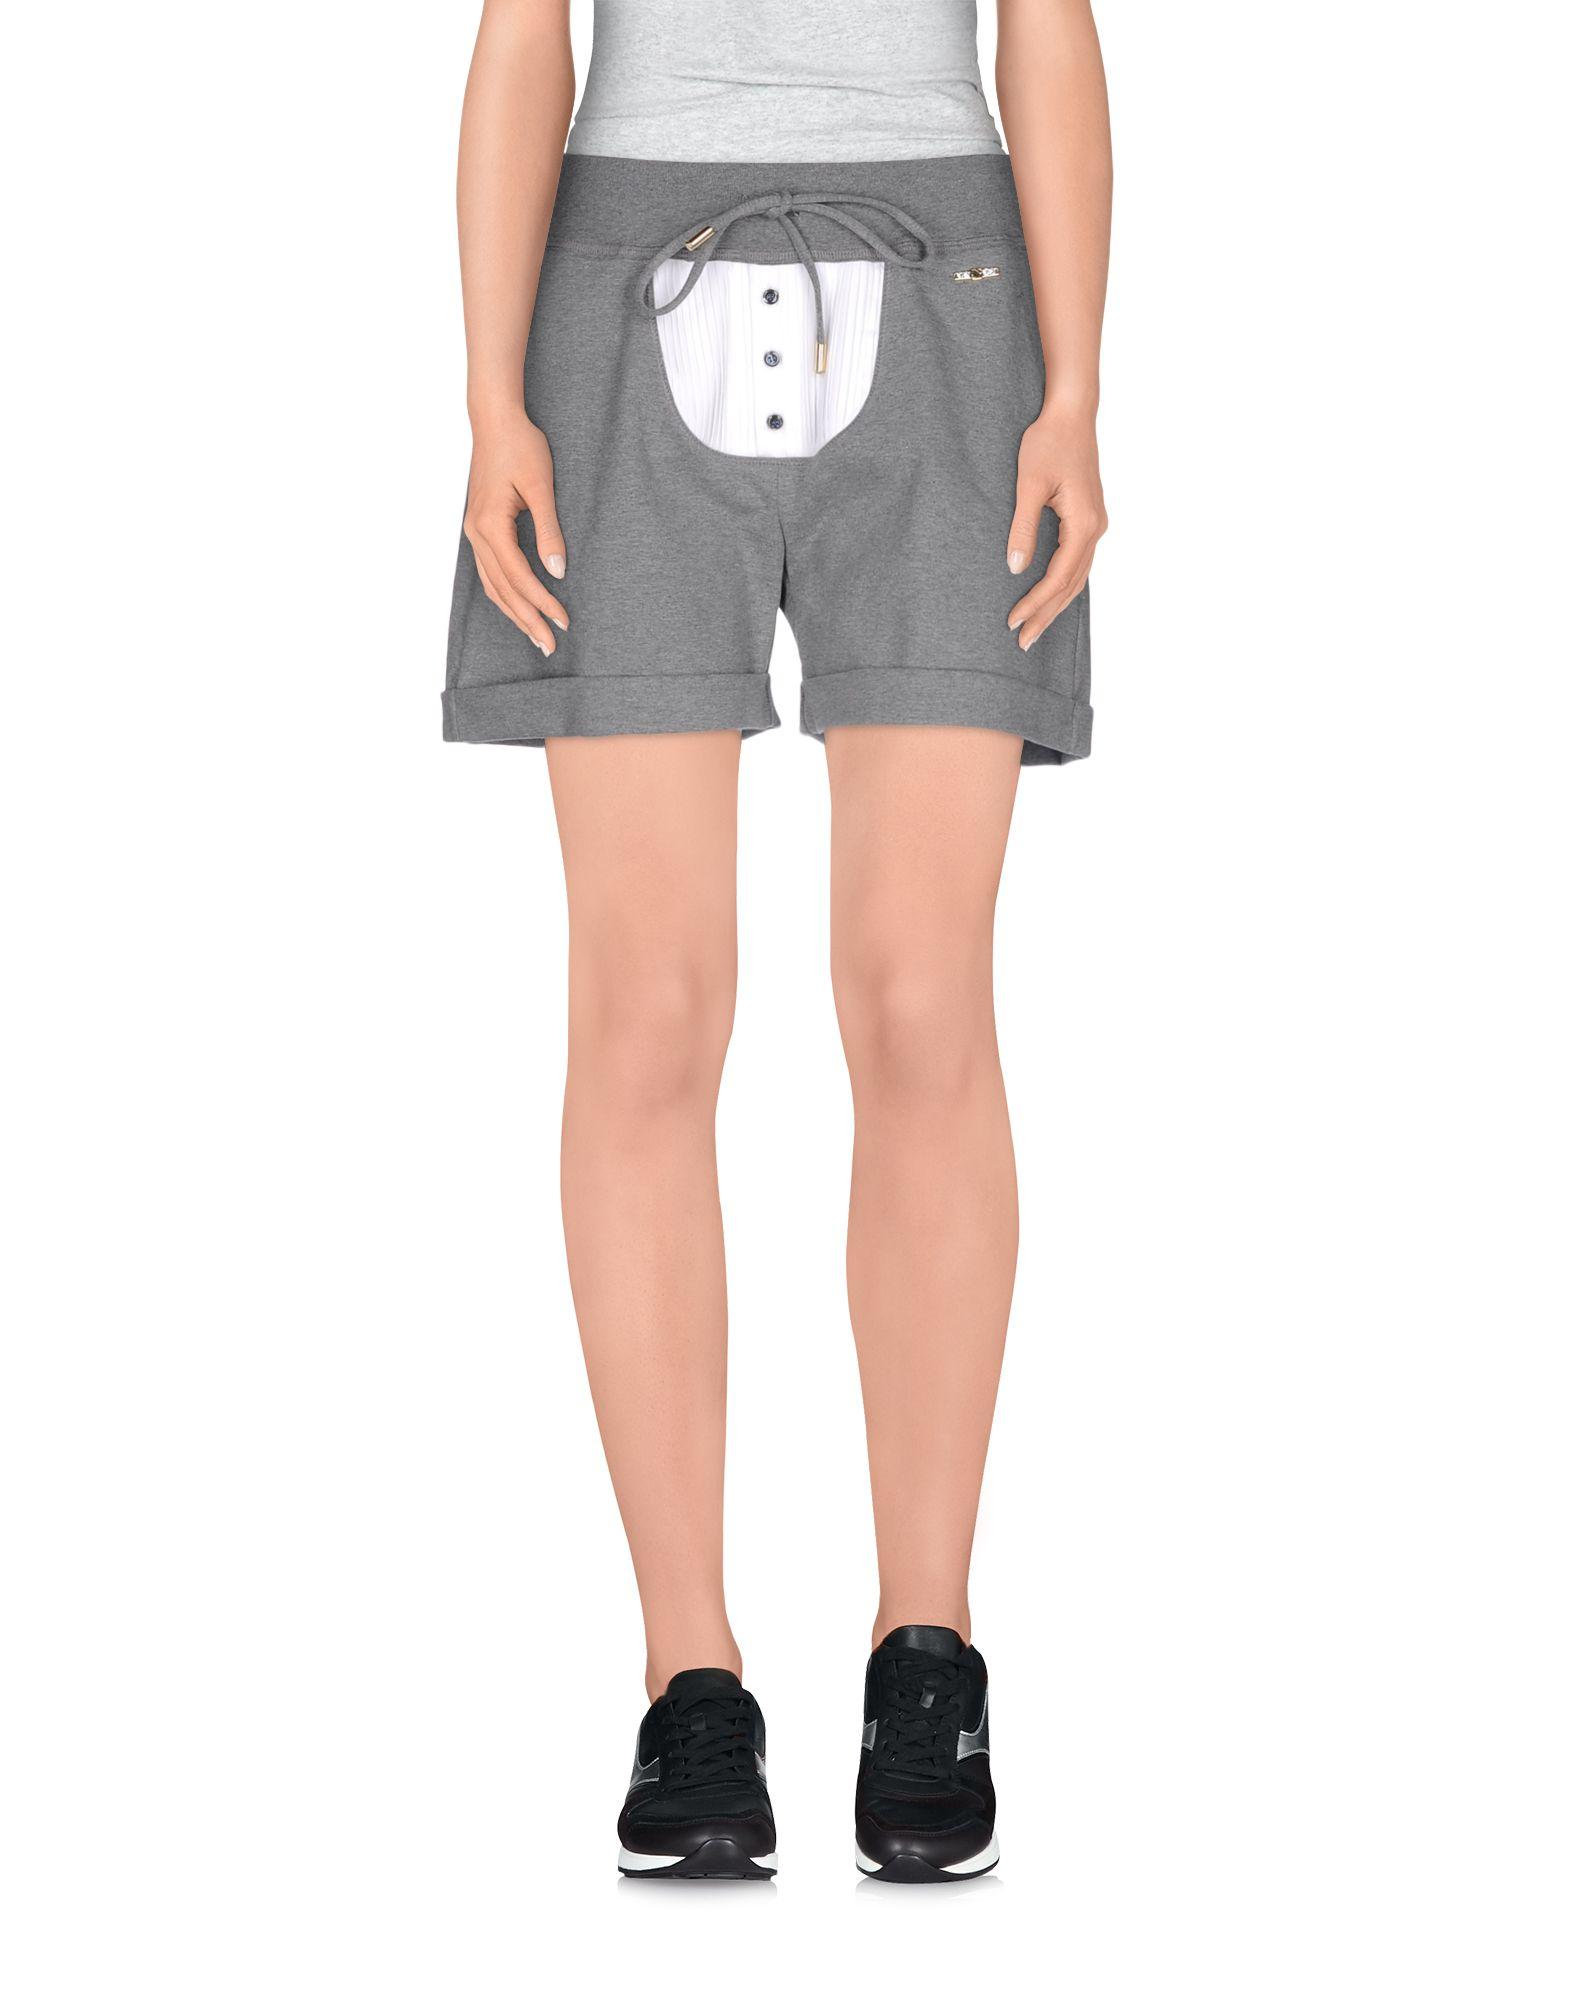 Pantalone Felpa Dsquared2 Donna - Acquista online su jZcuI7xWvz